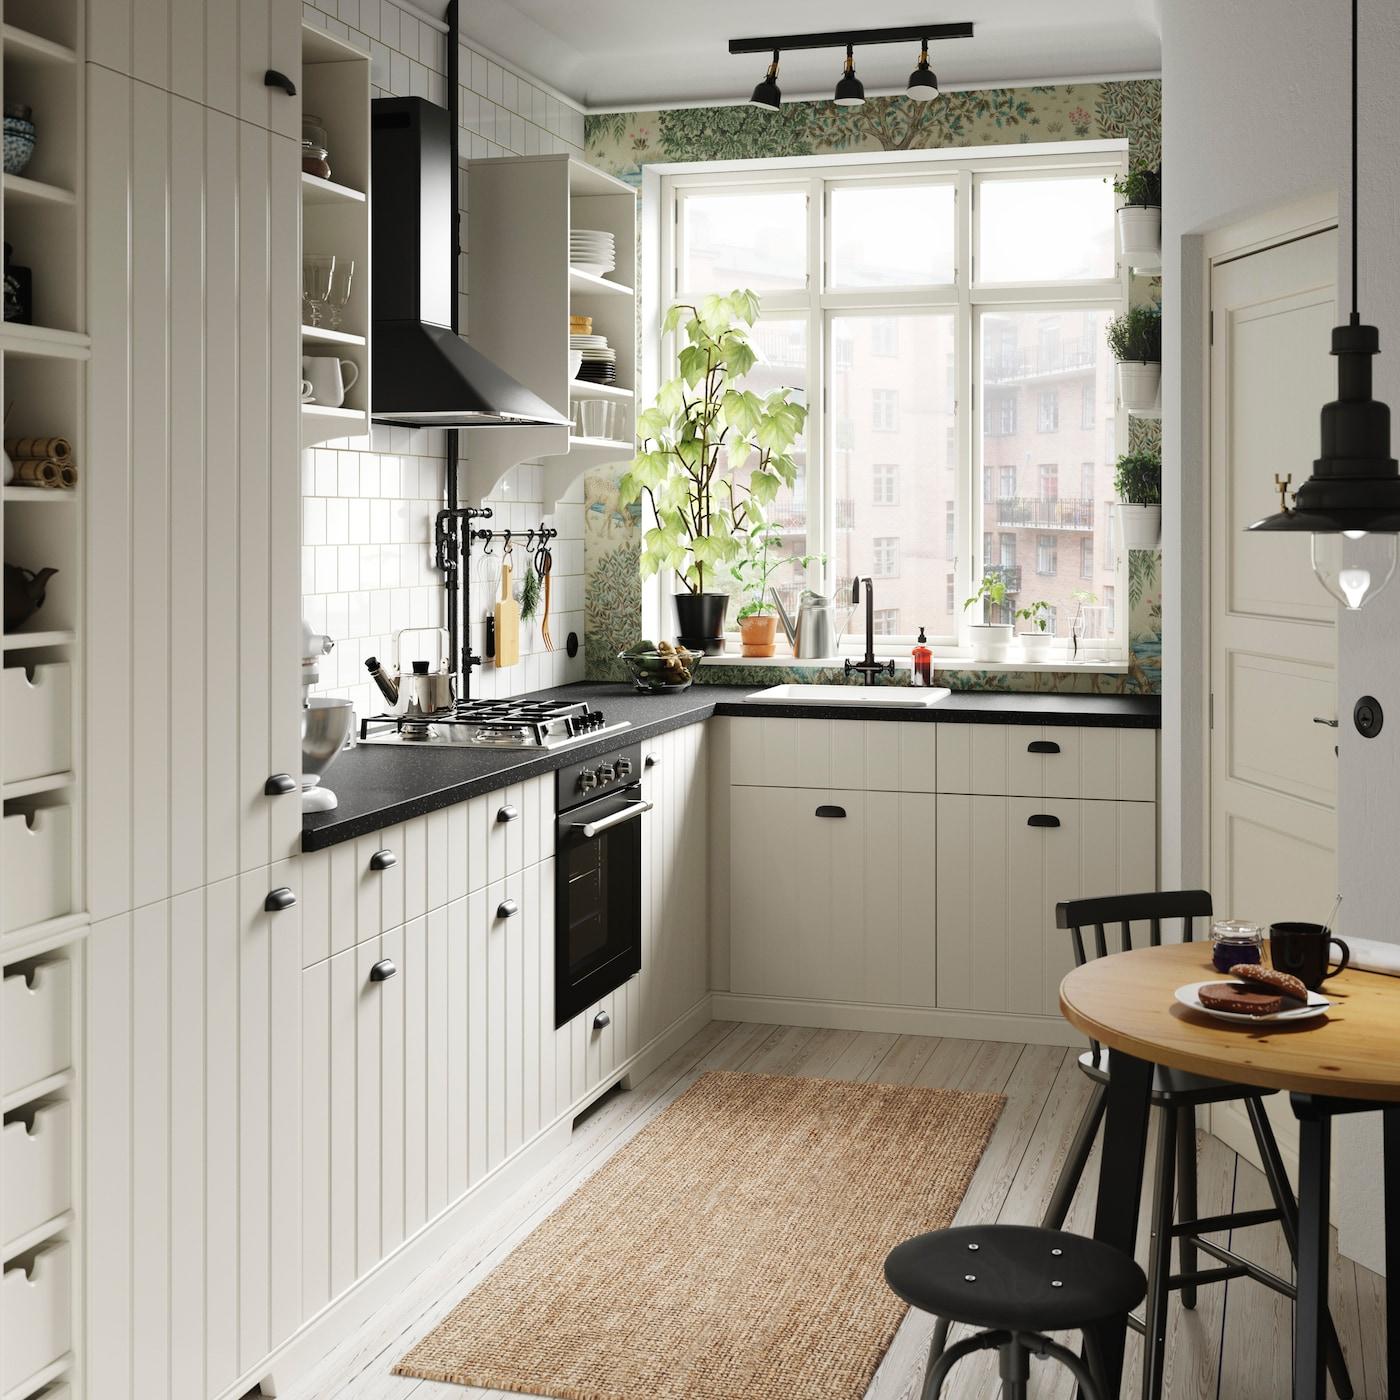 Full Size of Ikea Küchen Preise Modulküche Küche Kosten Internorm Fenster Velux Betten 160x200 Miniküche Holz Alu Ruf Regal Sofa Mit Schlaffunktion Wohnzimmer Ikea Küchen Preise